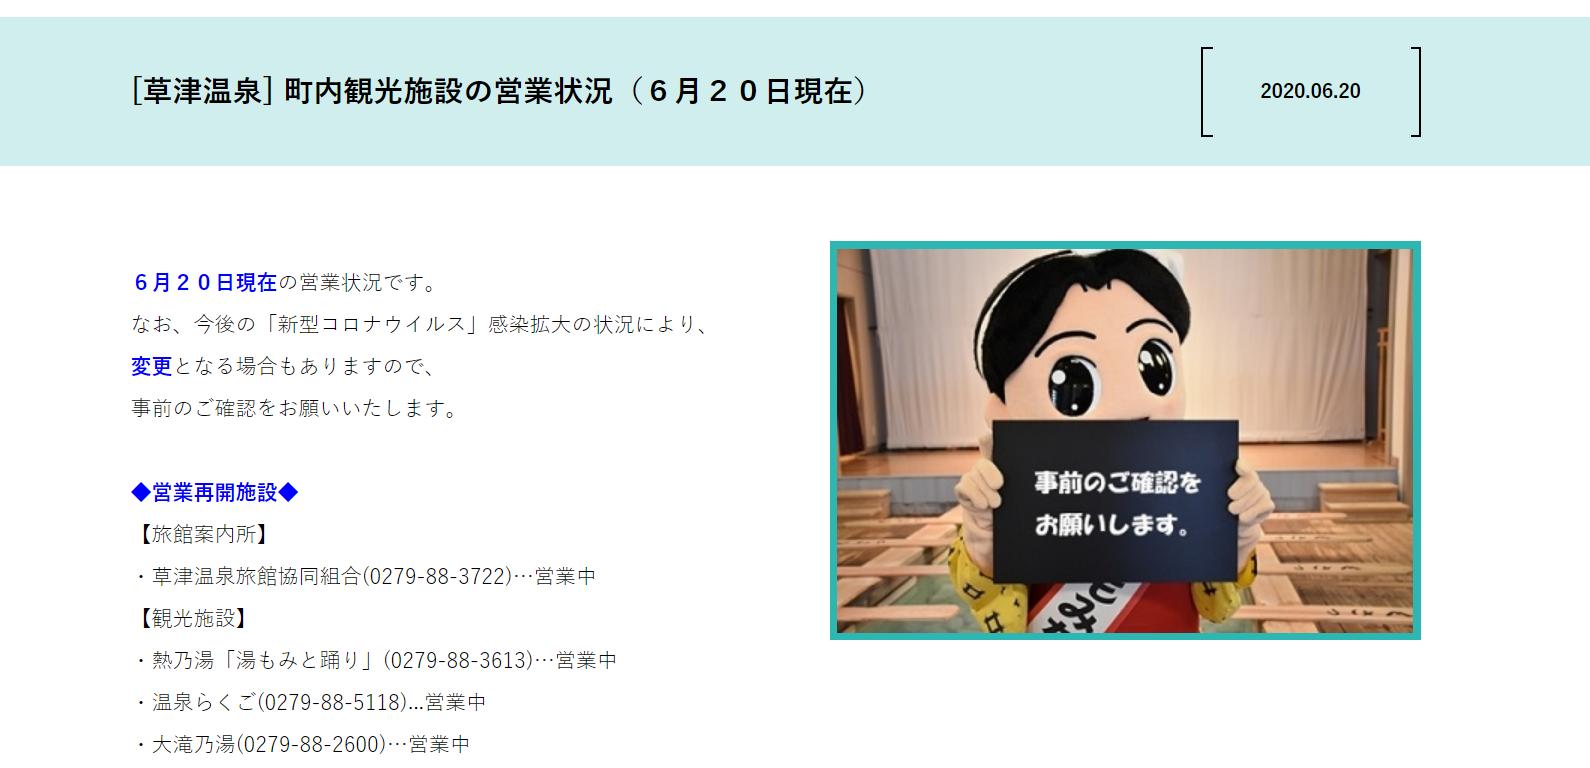 草津町統合ポータルサイト